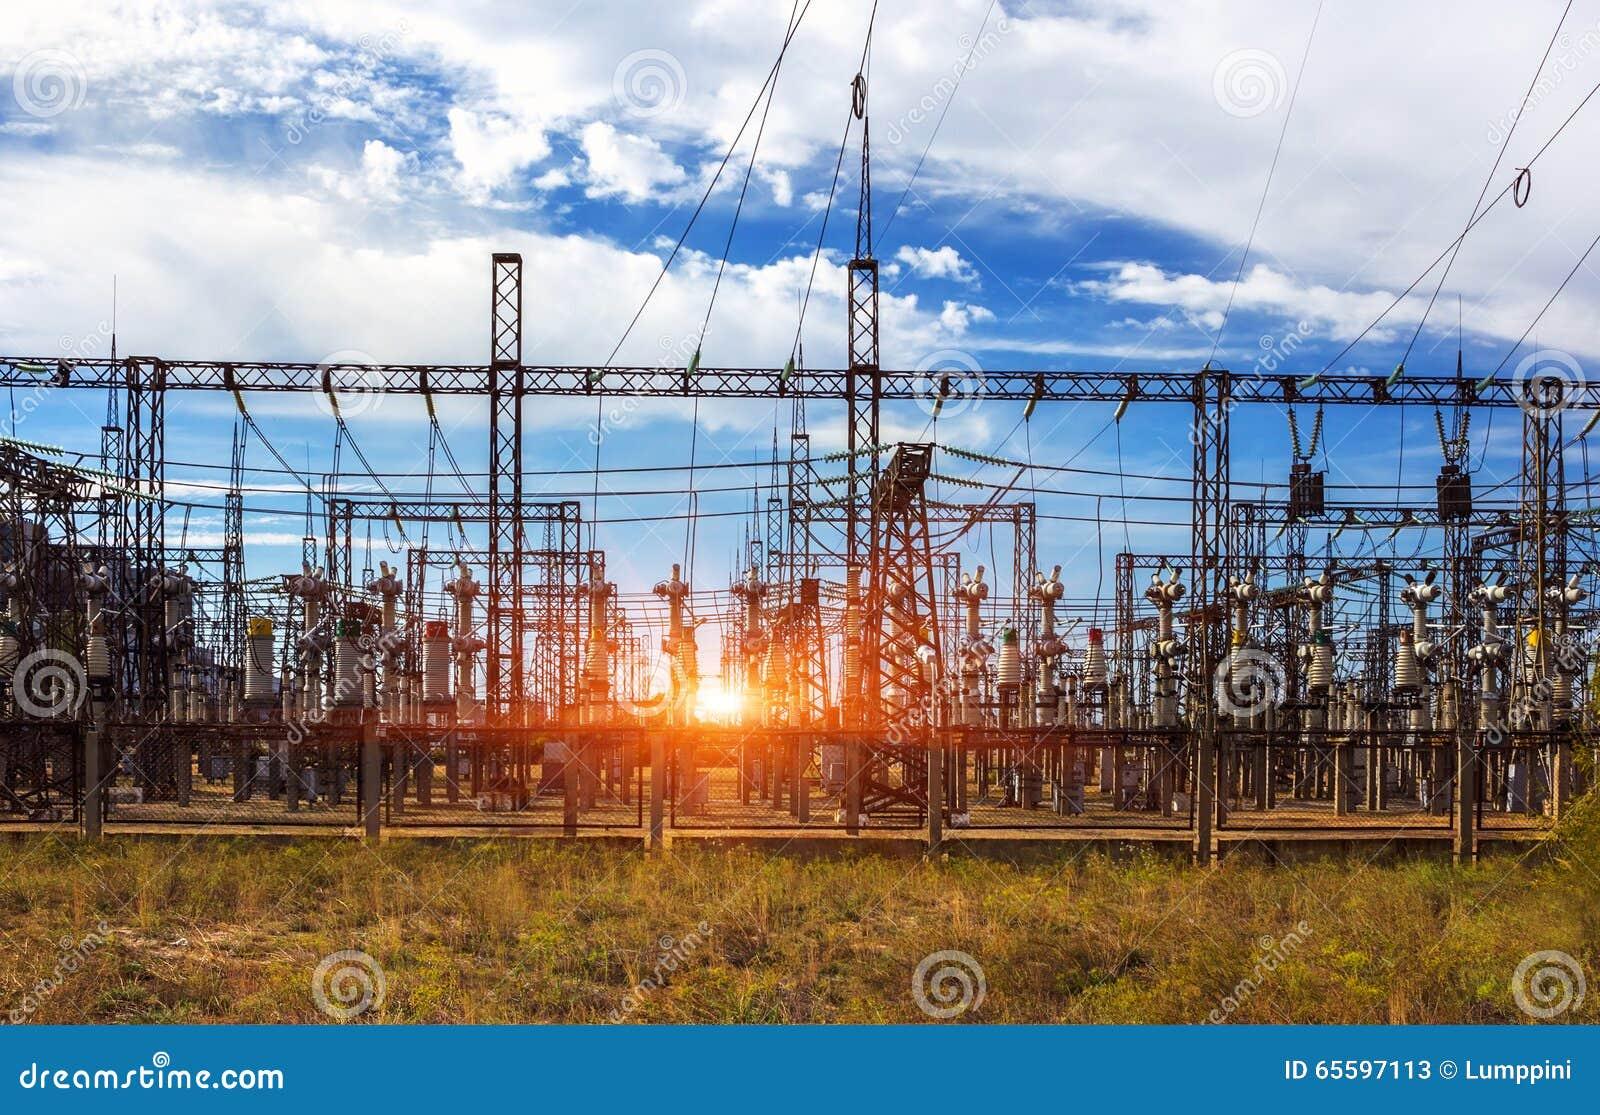 Estación de la distribución eléctrica, transformadores, línea de alto voltaje